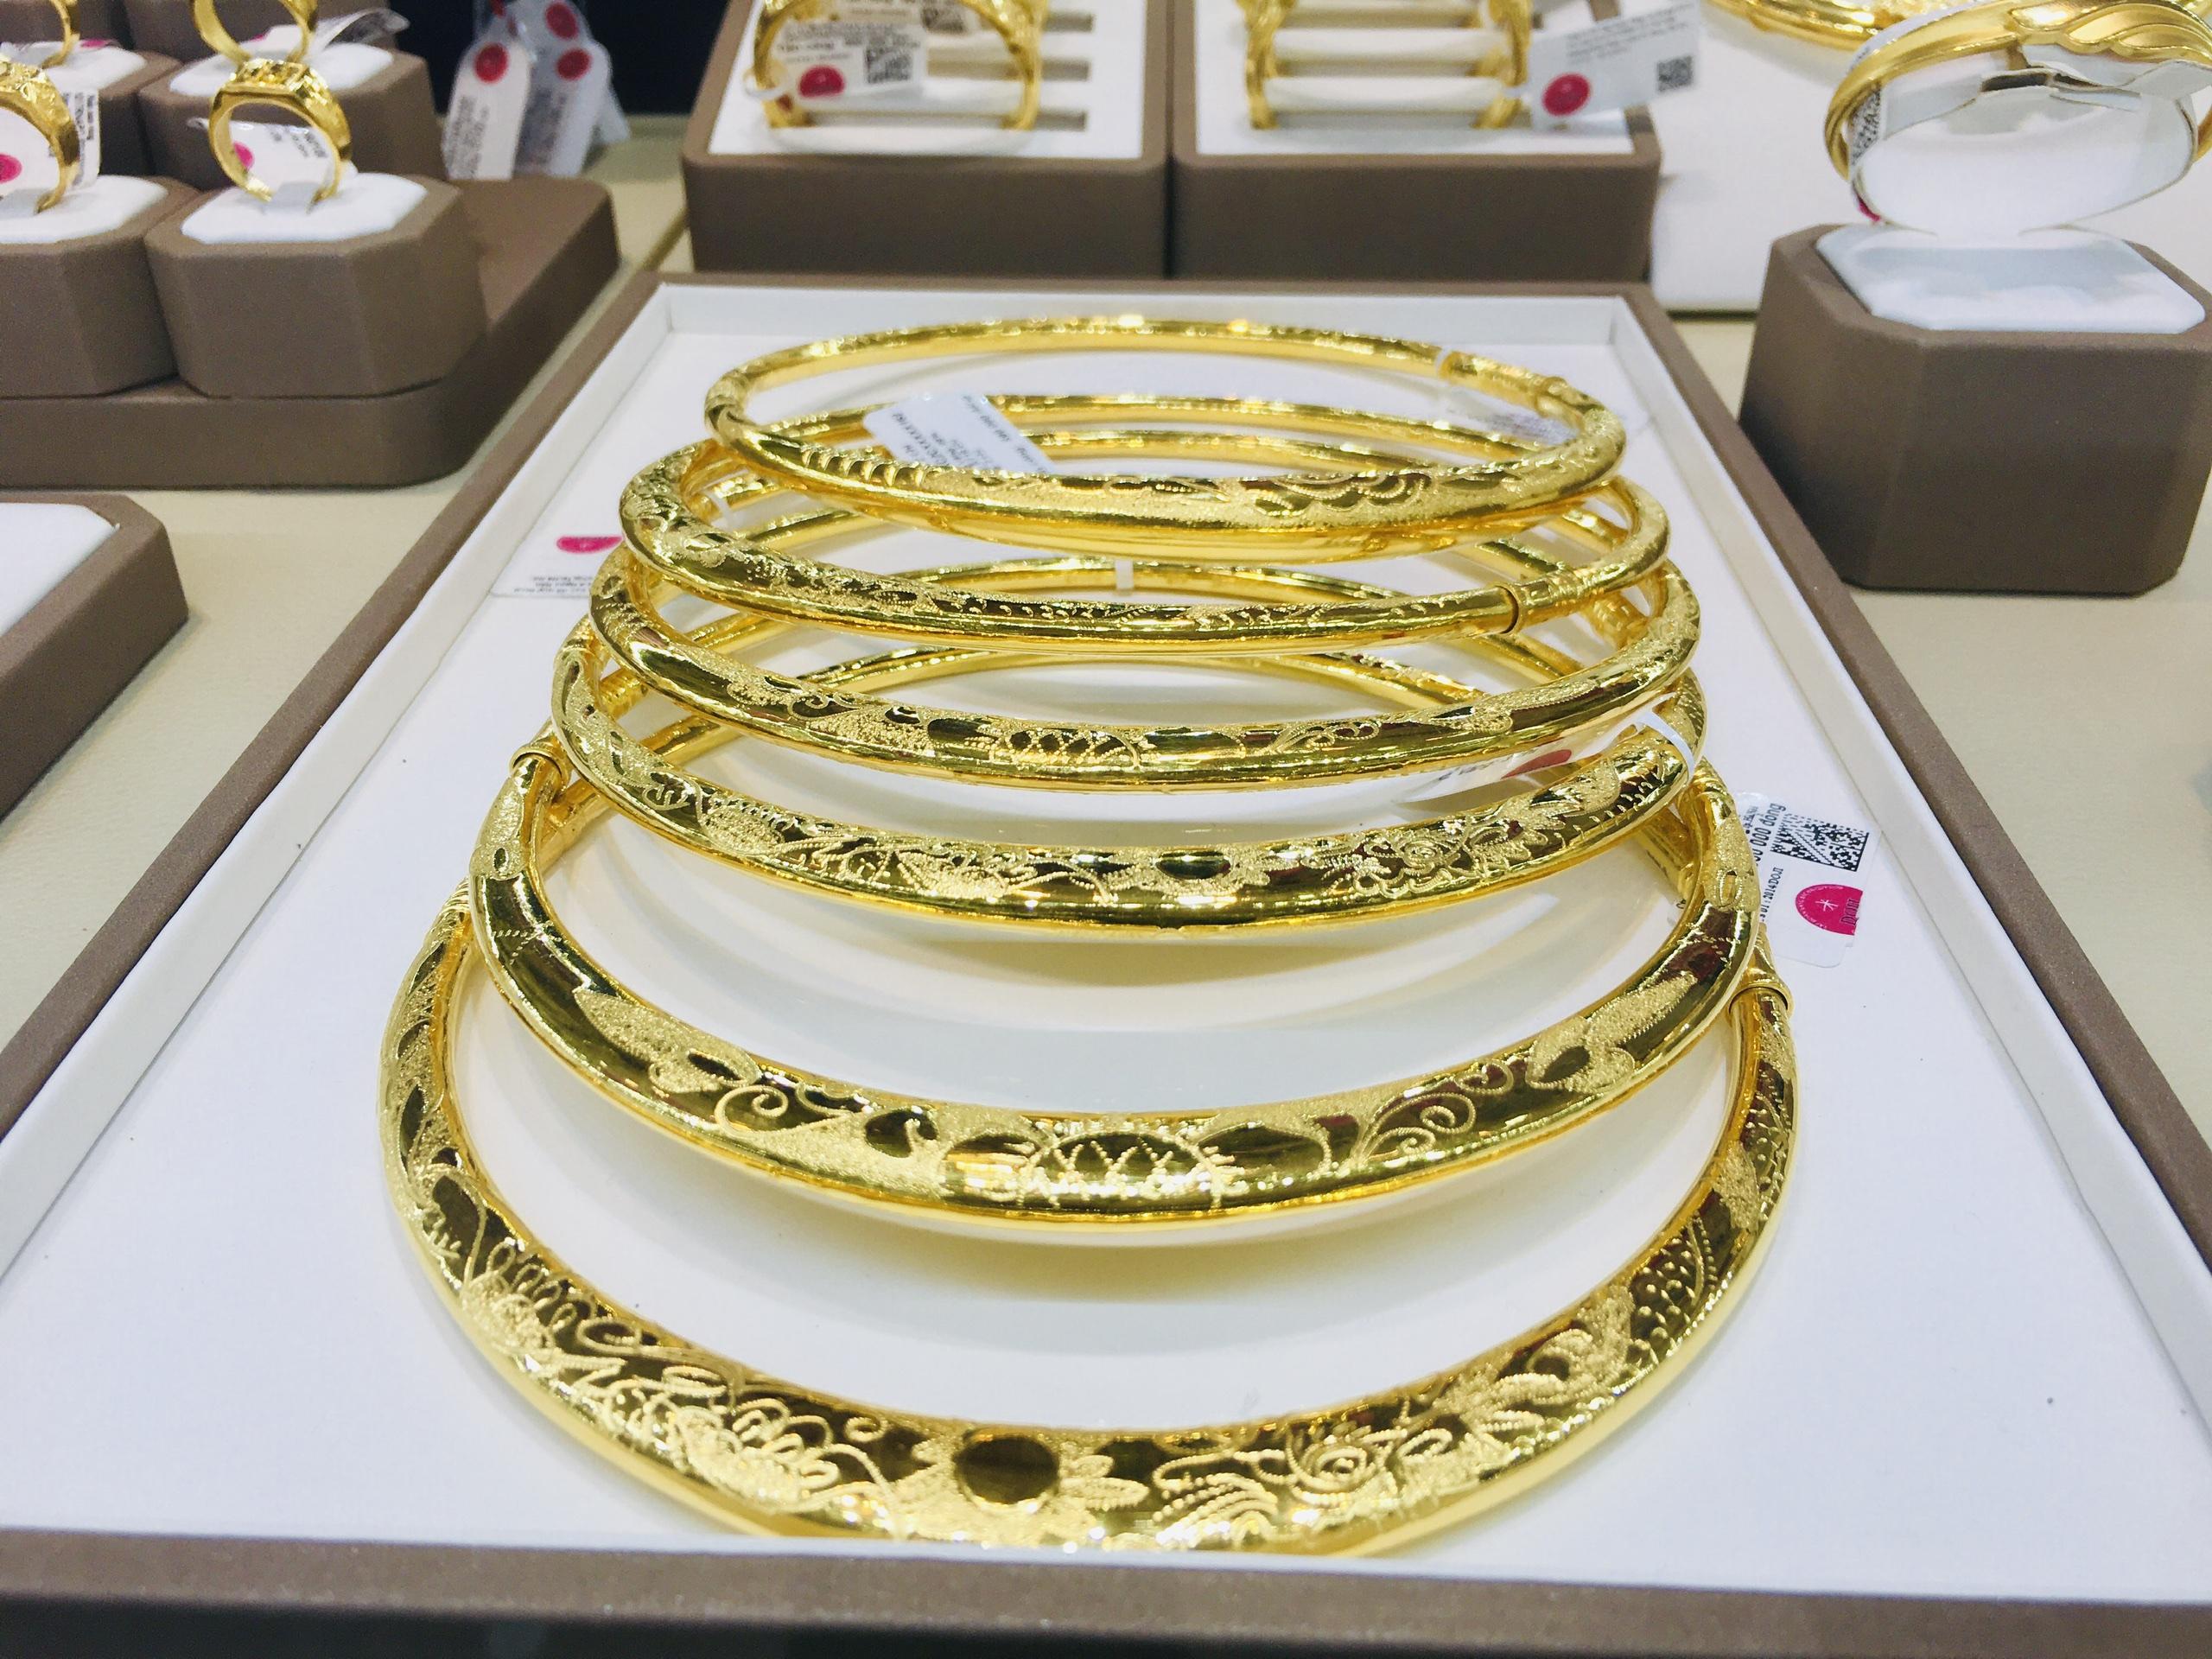 Chỉ số giá vàng tháng 11 tăng hơn 30% - Ảnh 1.